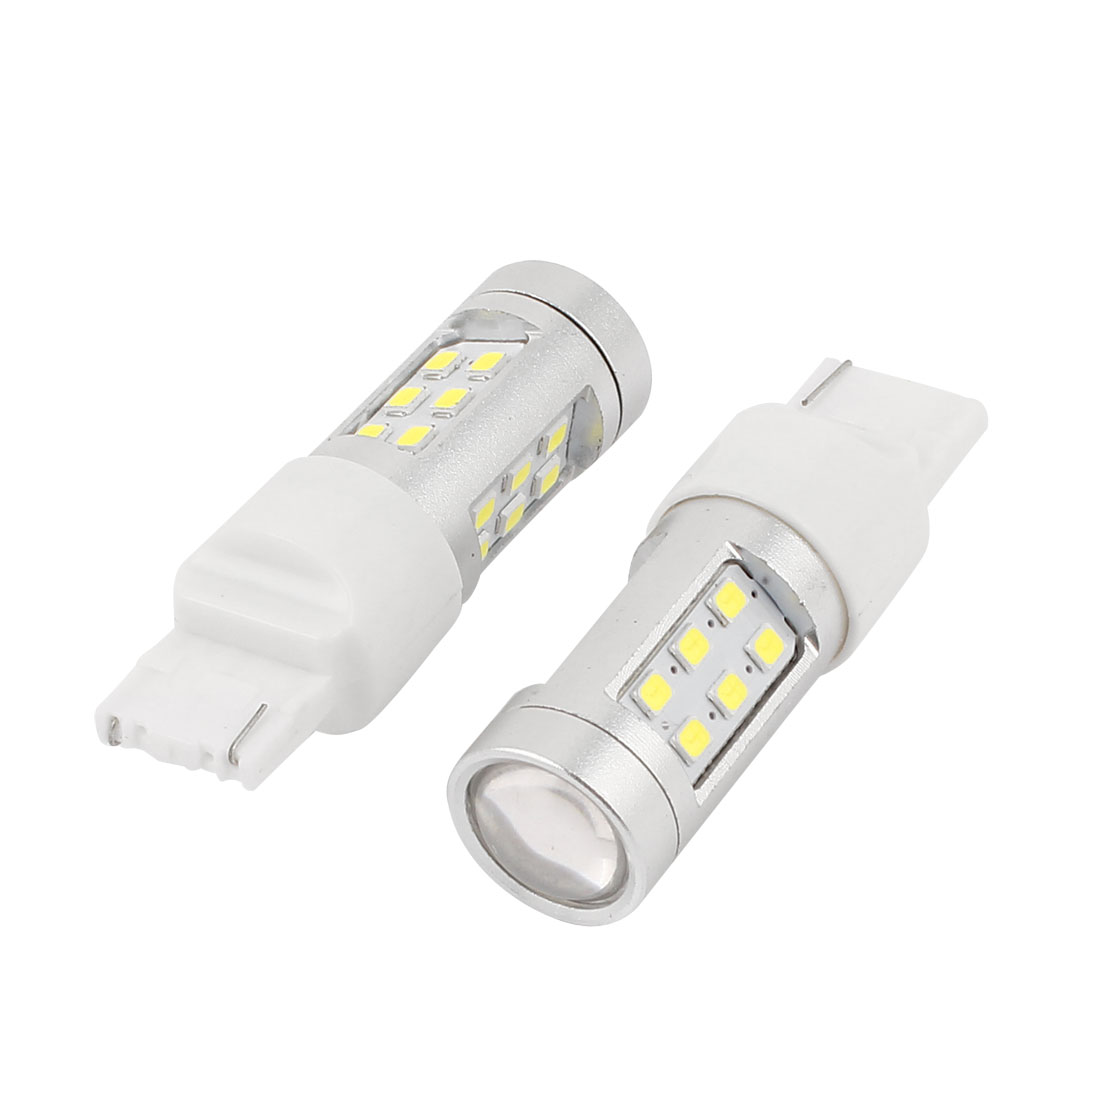 2 Pcs Car 1210 SMD 21 LED White T20 7440 Car Turn Signal Light Bulb